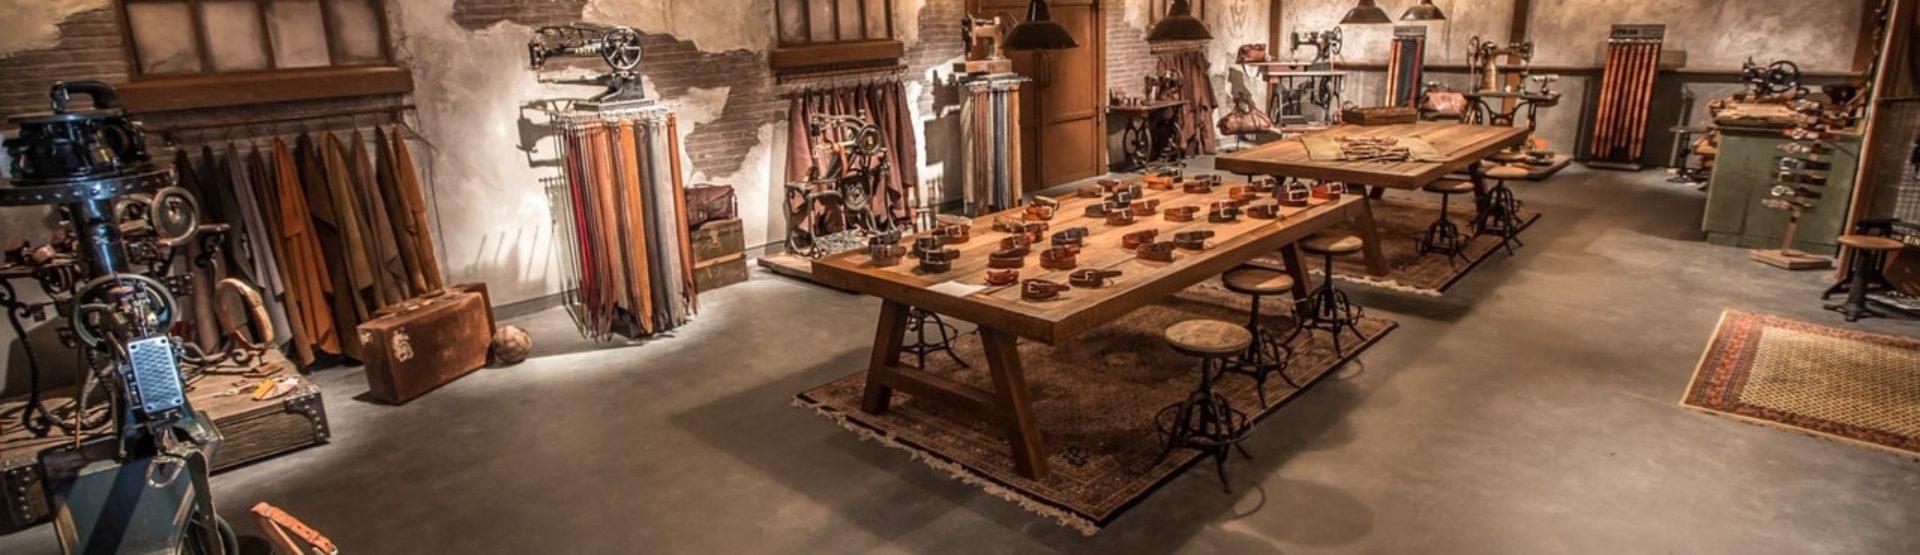 'Ever feel like wearing something extraordinary'   Leatherbelove is webshop met authentieke showroom